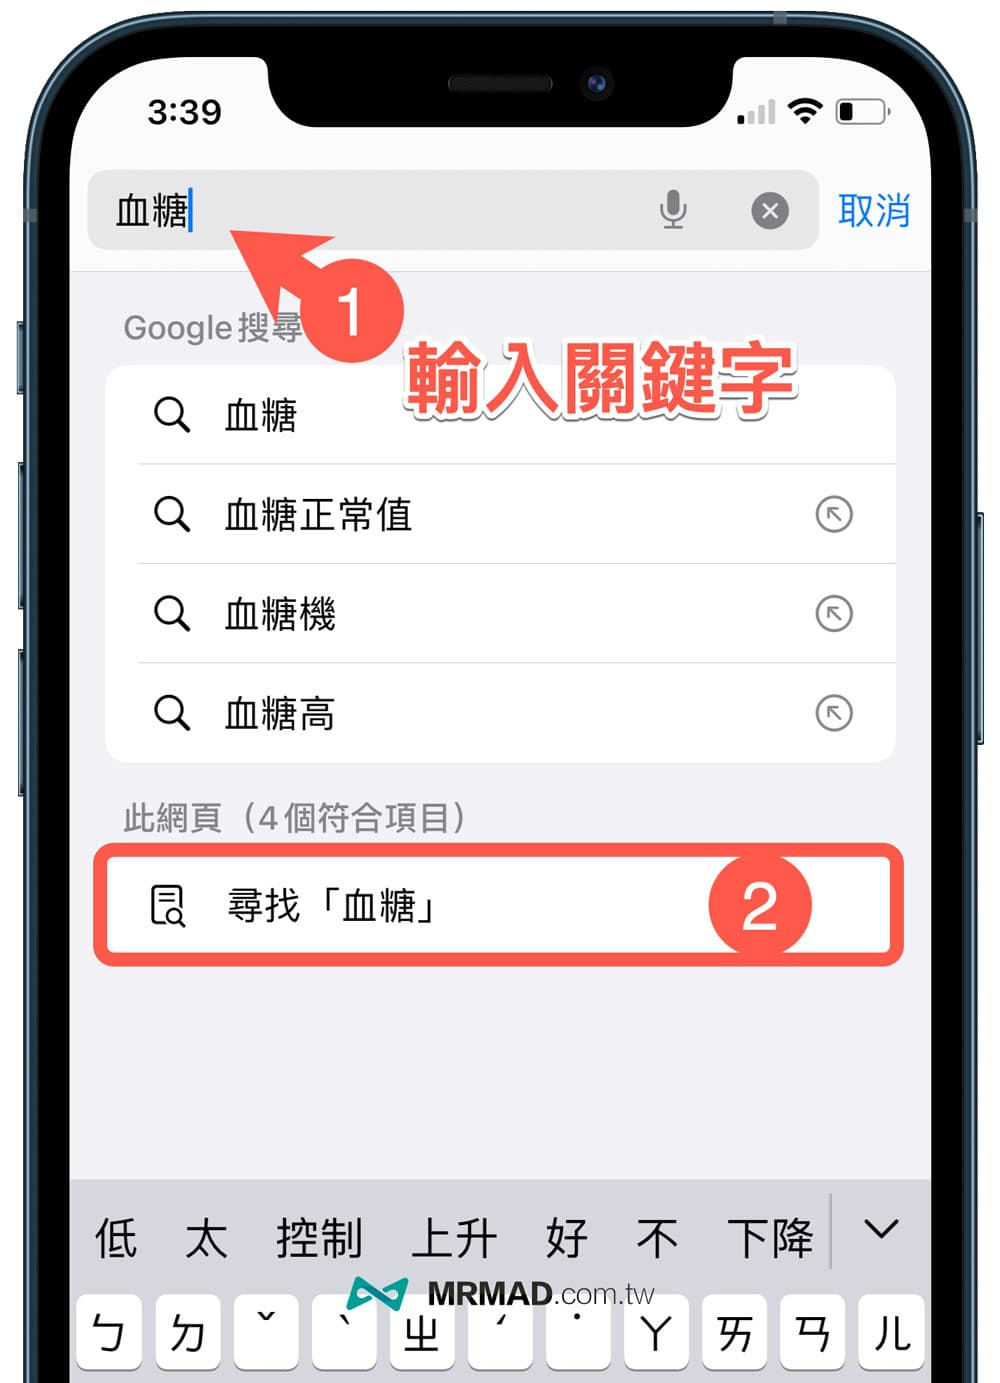 方法1. 利用搜尋列搜尋文字2